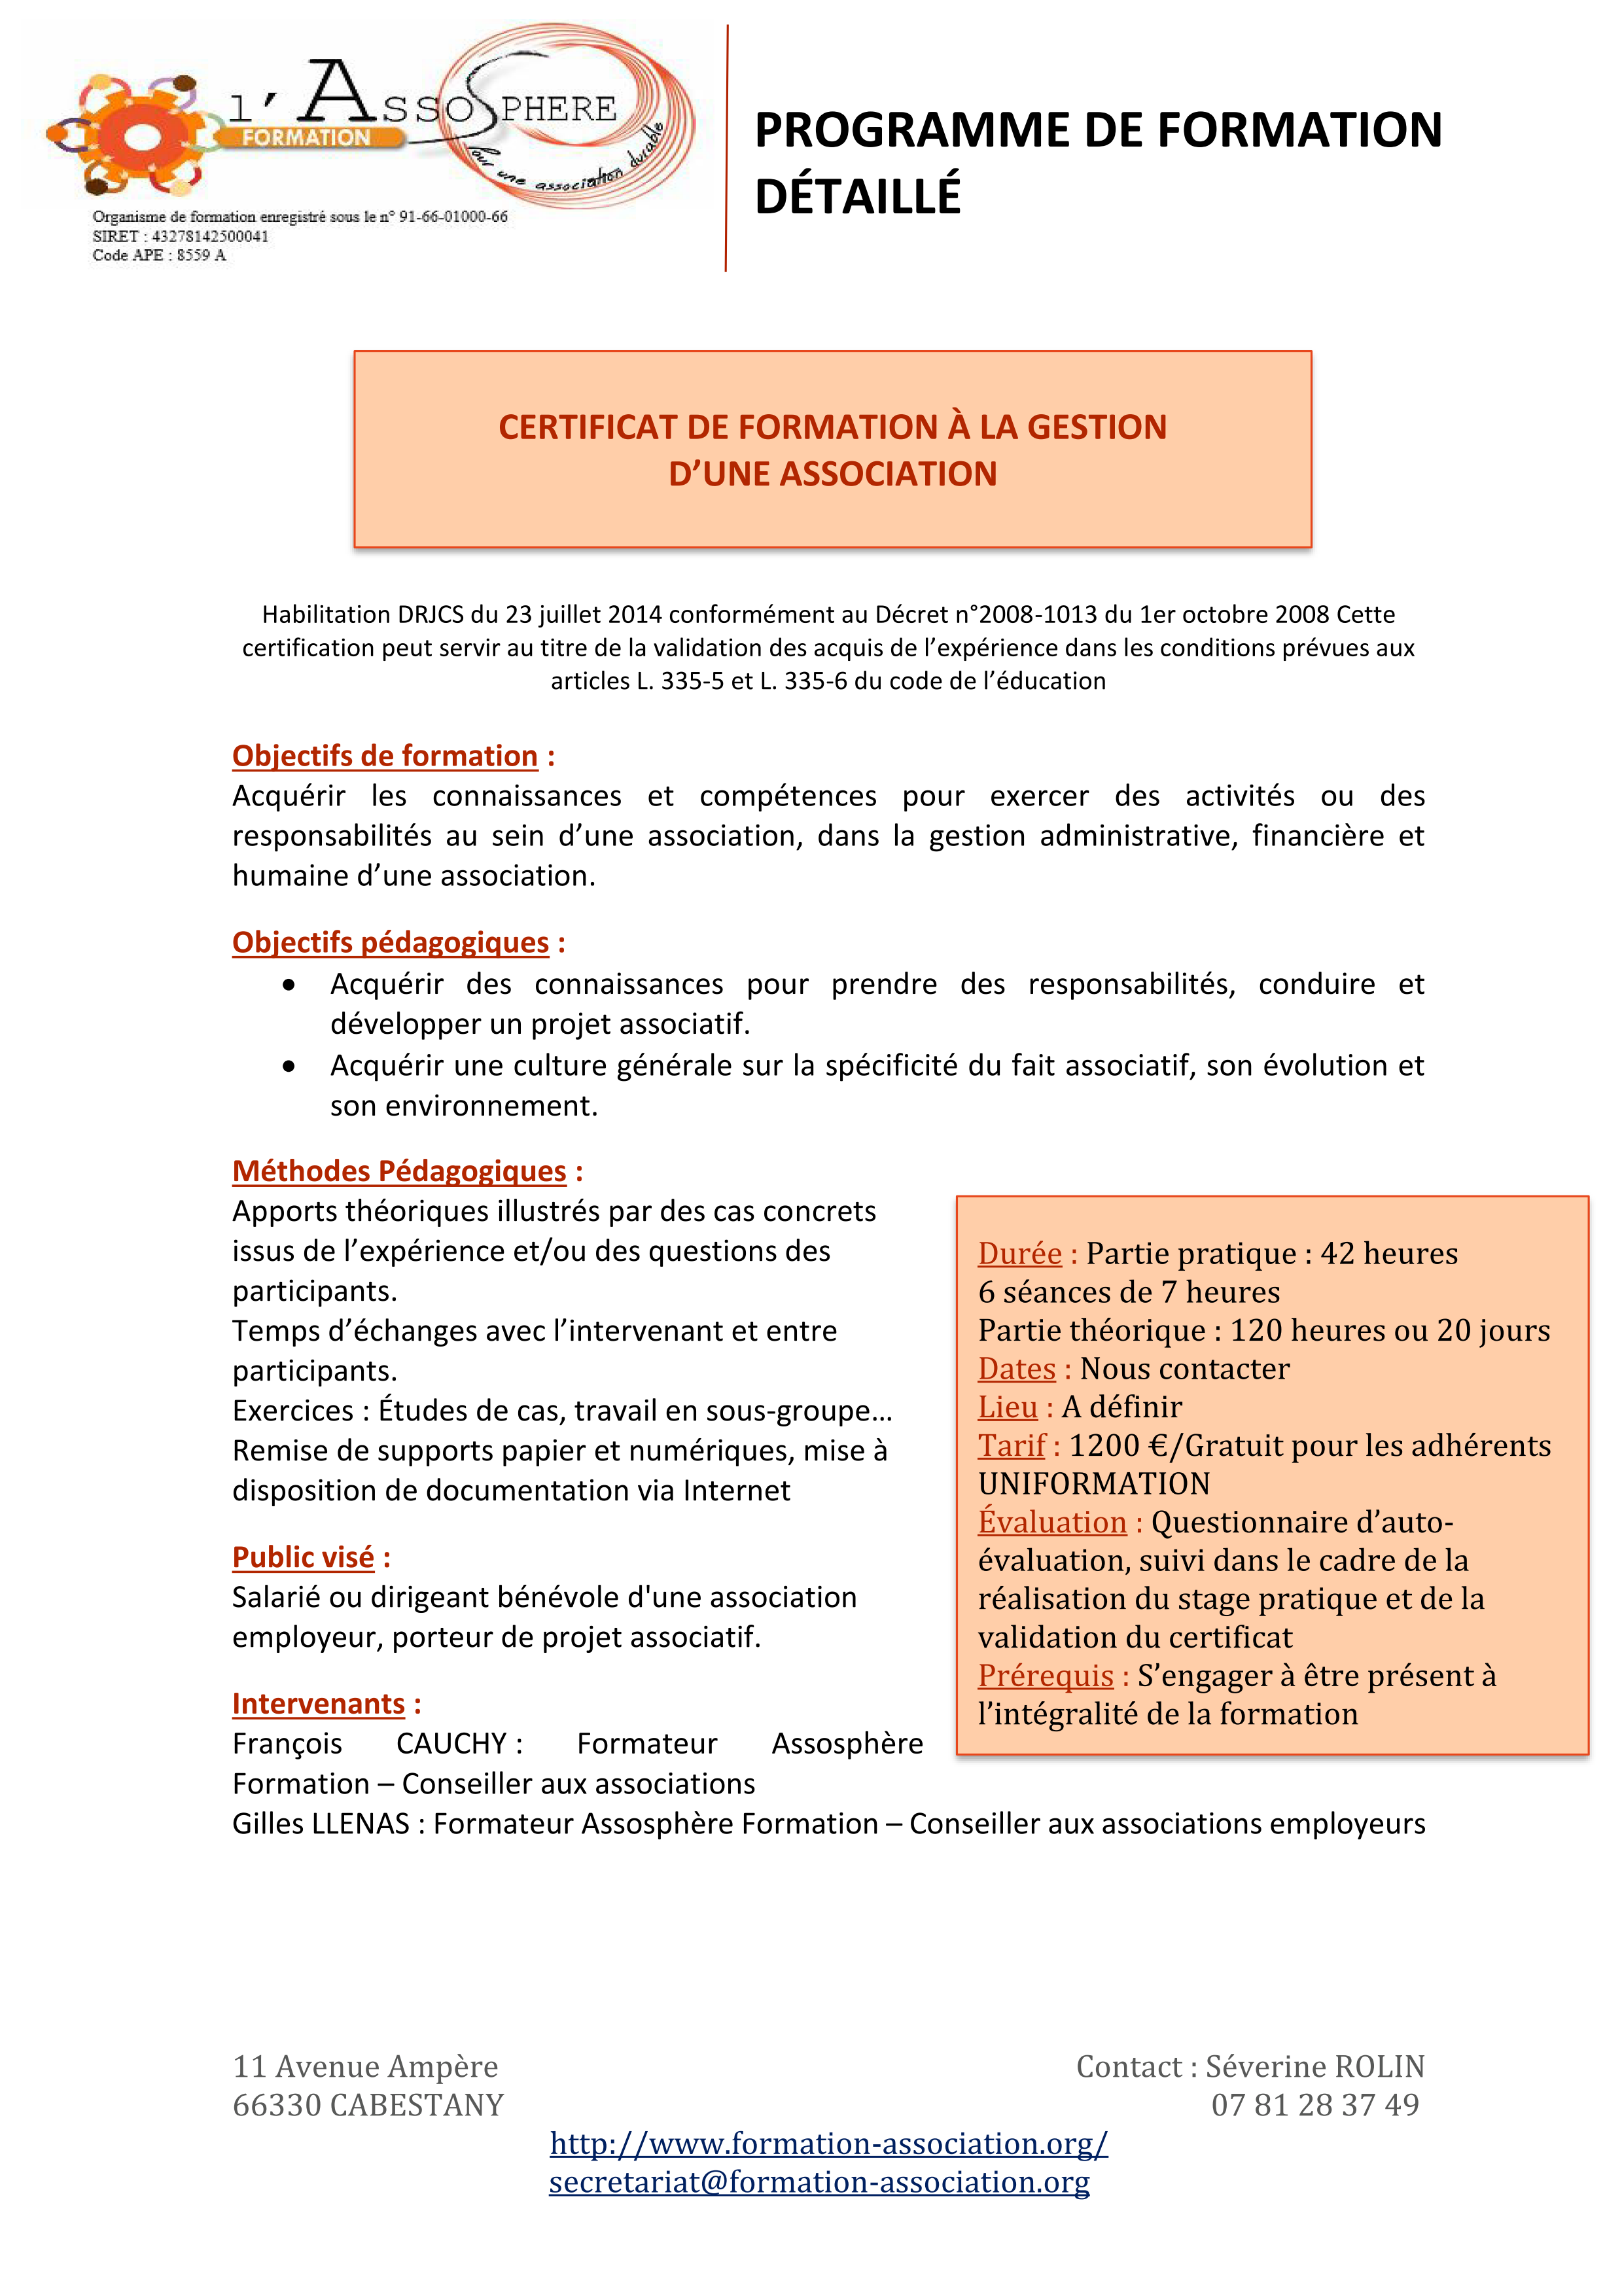 Programme détaillé CFGA